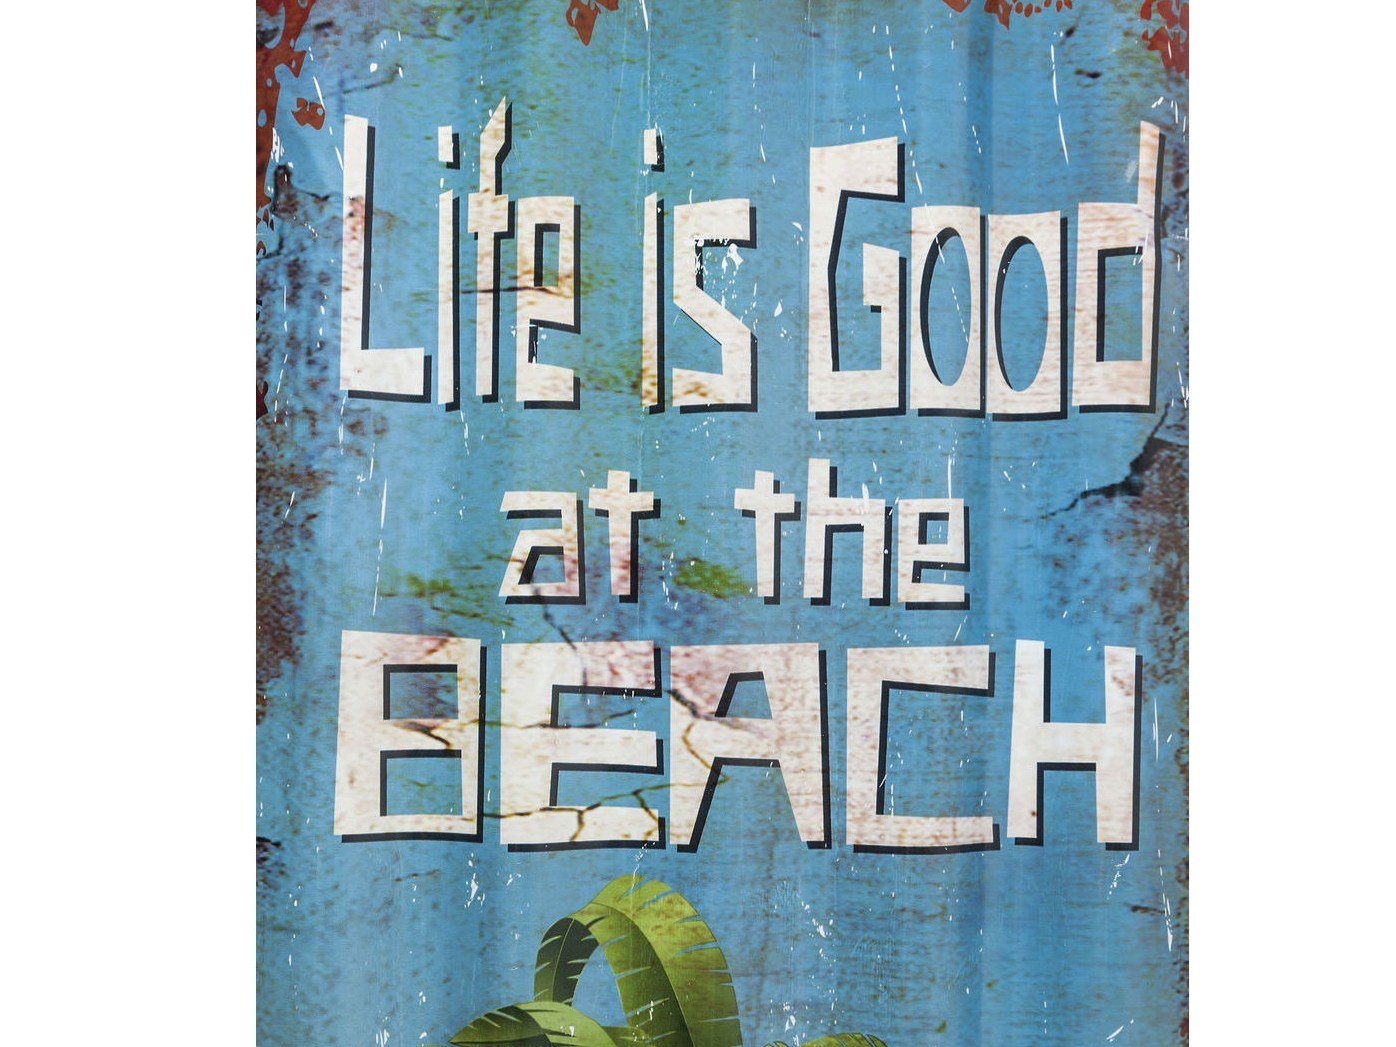 Pannello decorativo in acciaio verniciato a polvere beach - Pannello decorativo design ...